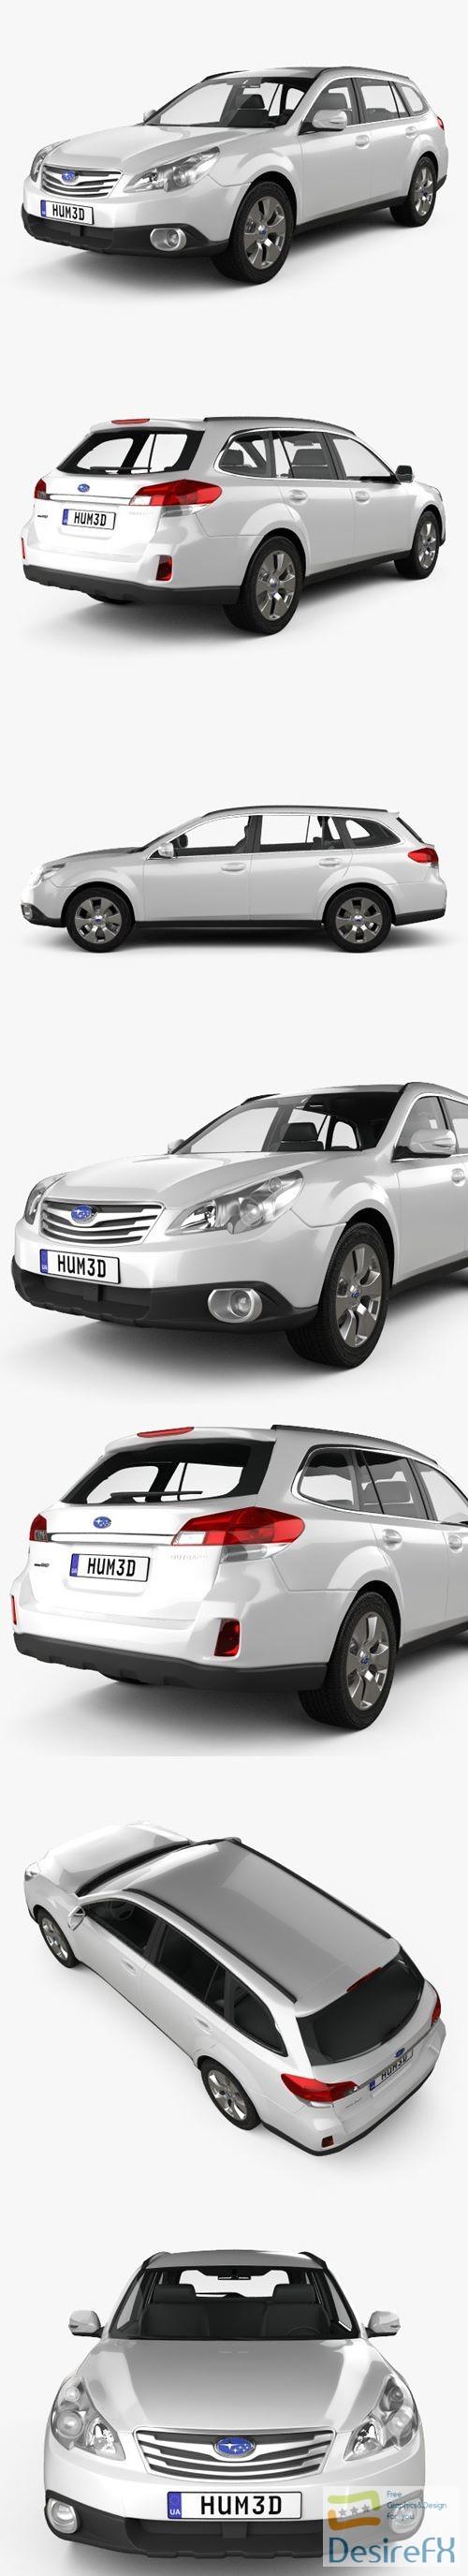 3d-models - Subaru Outback 2010 3D Model